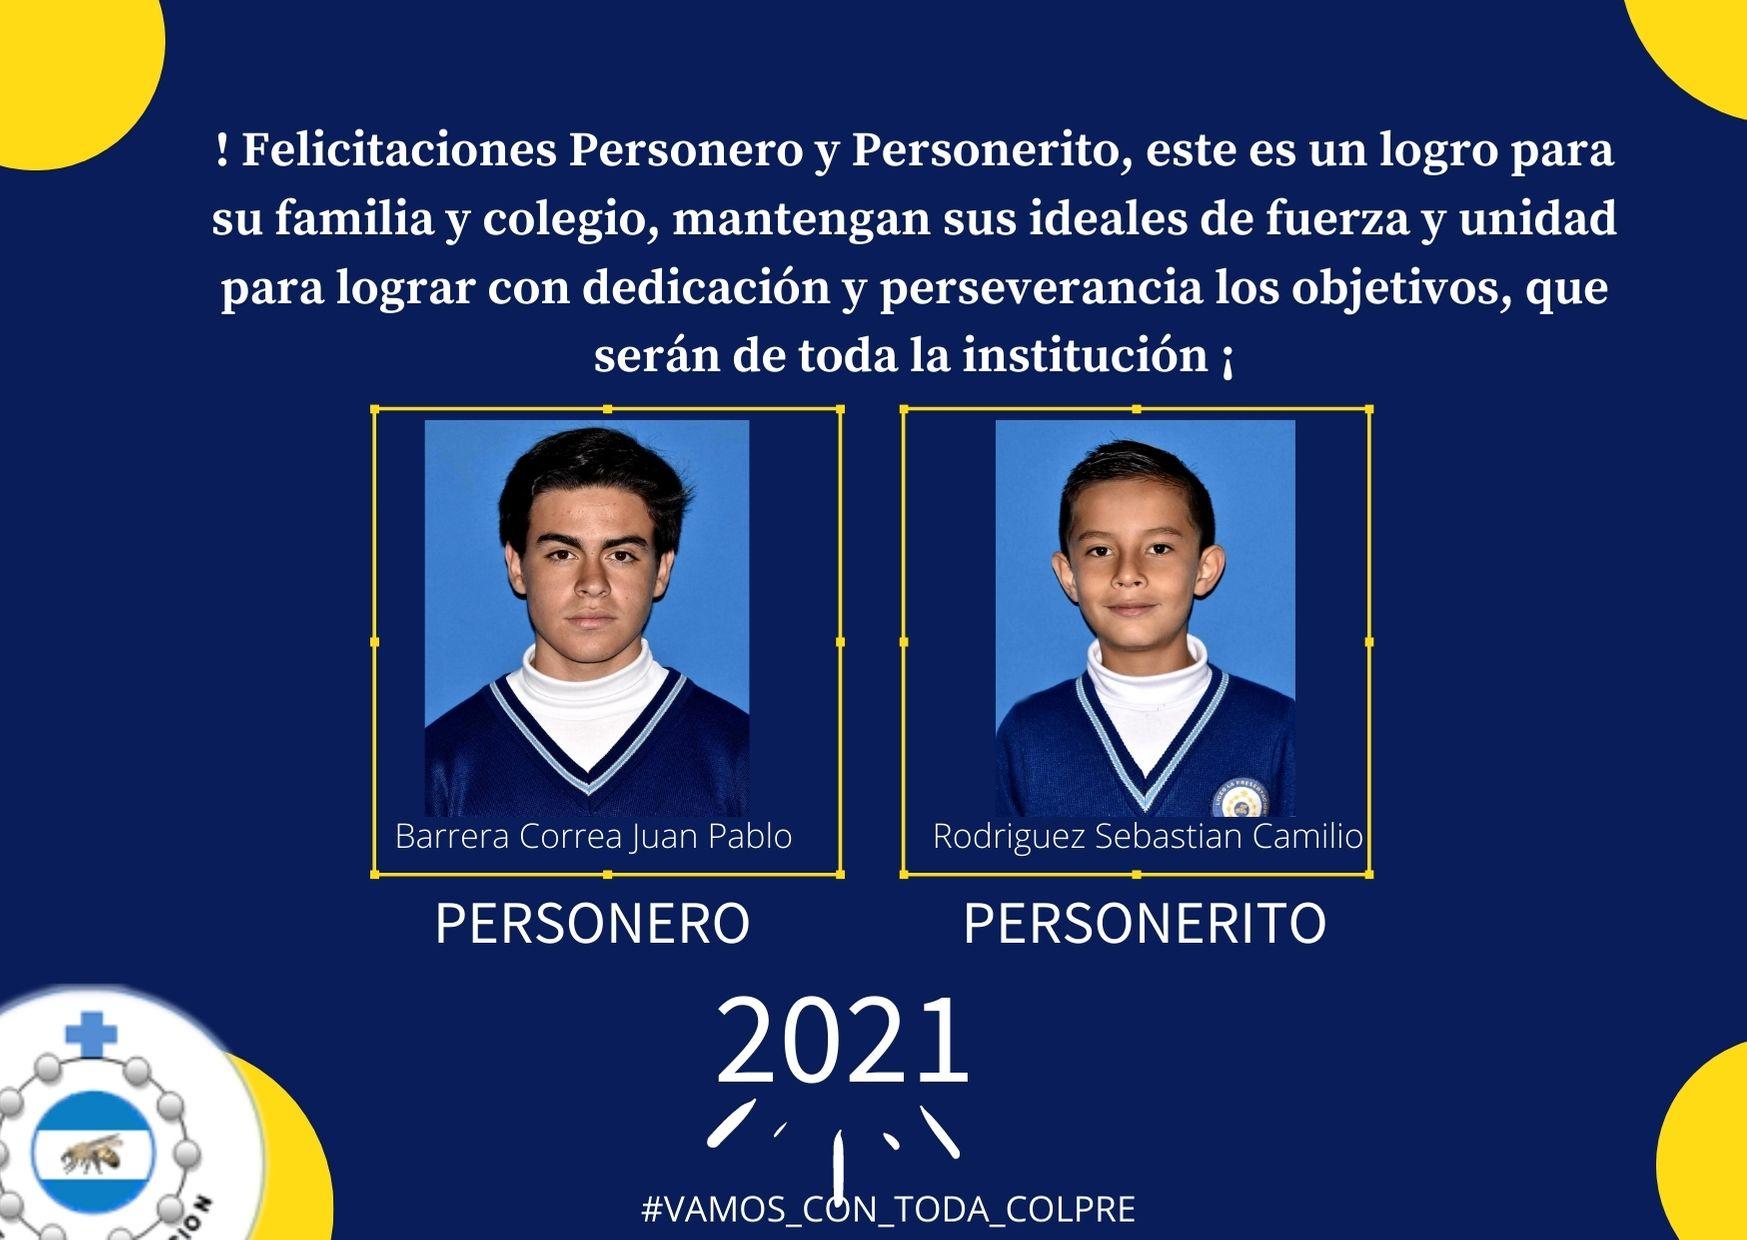 Personeria estudiantil 2021